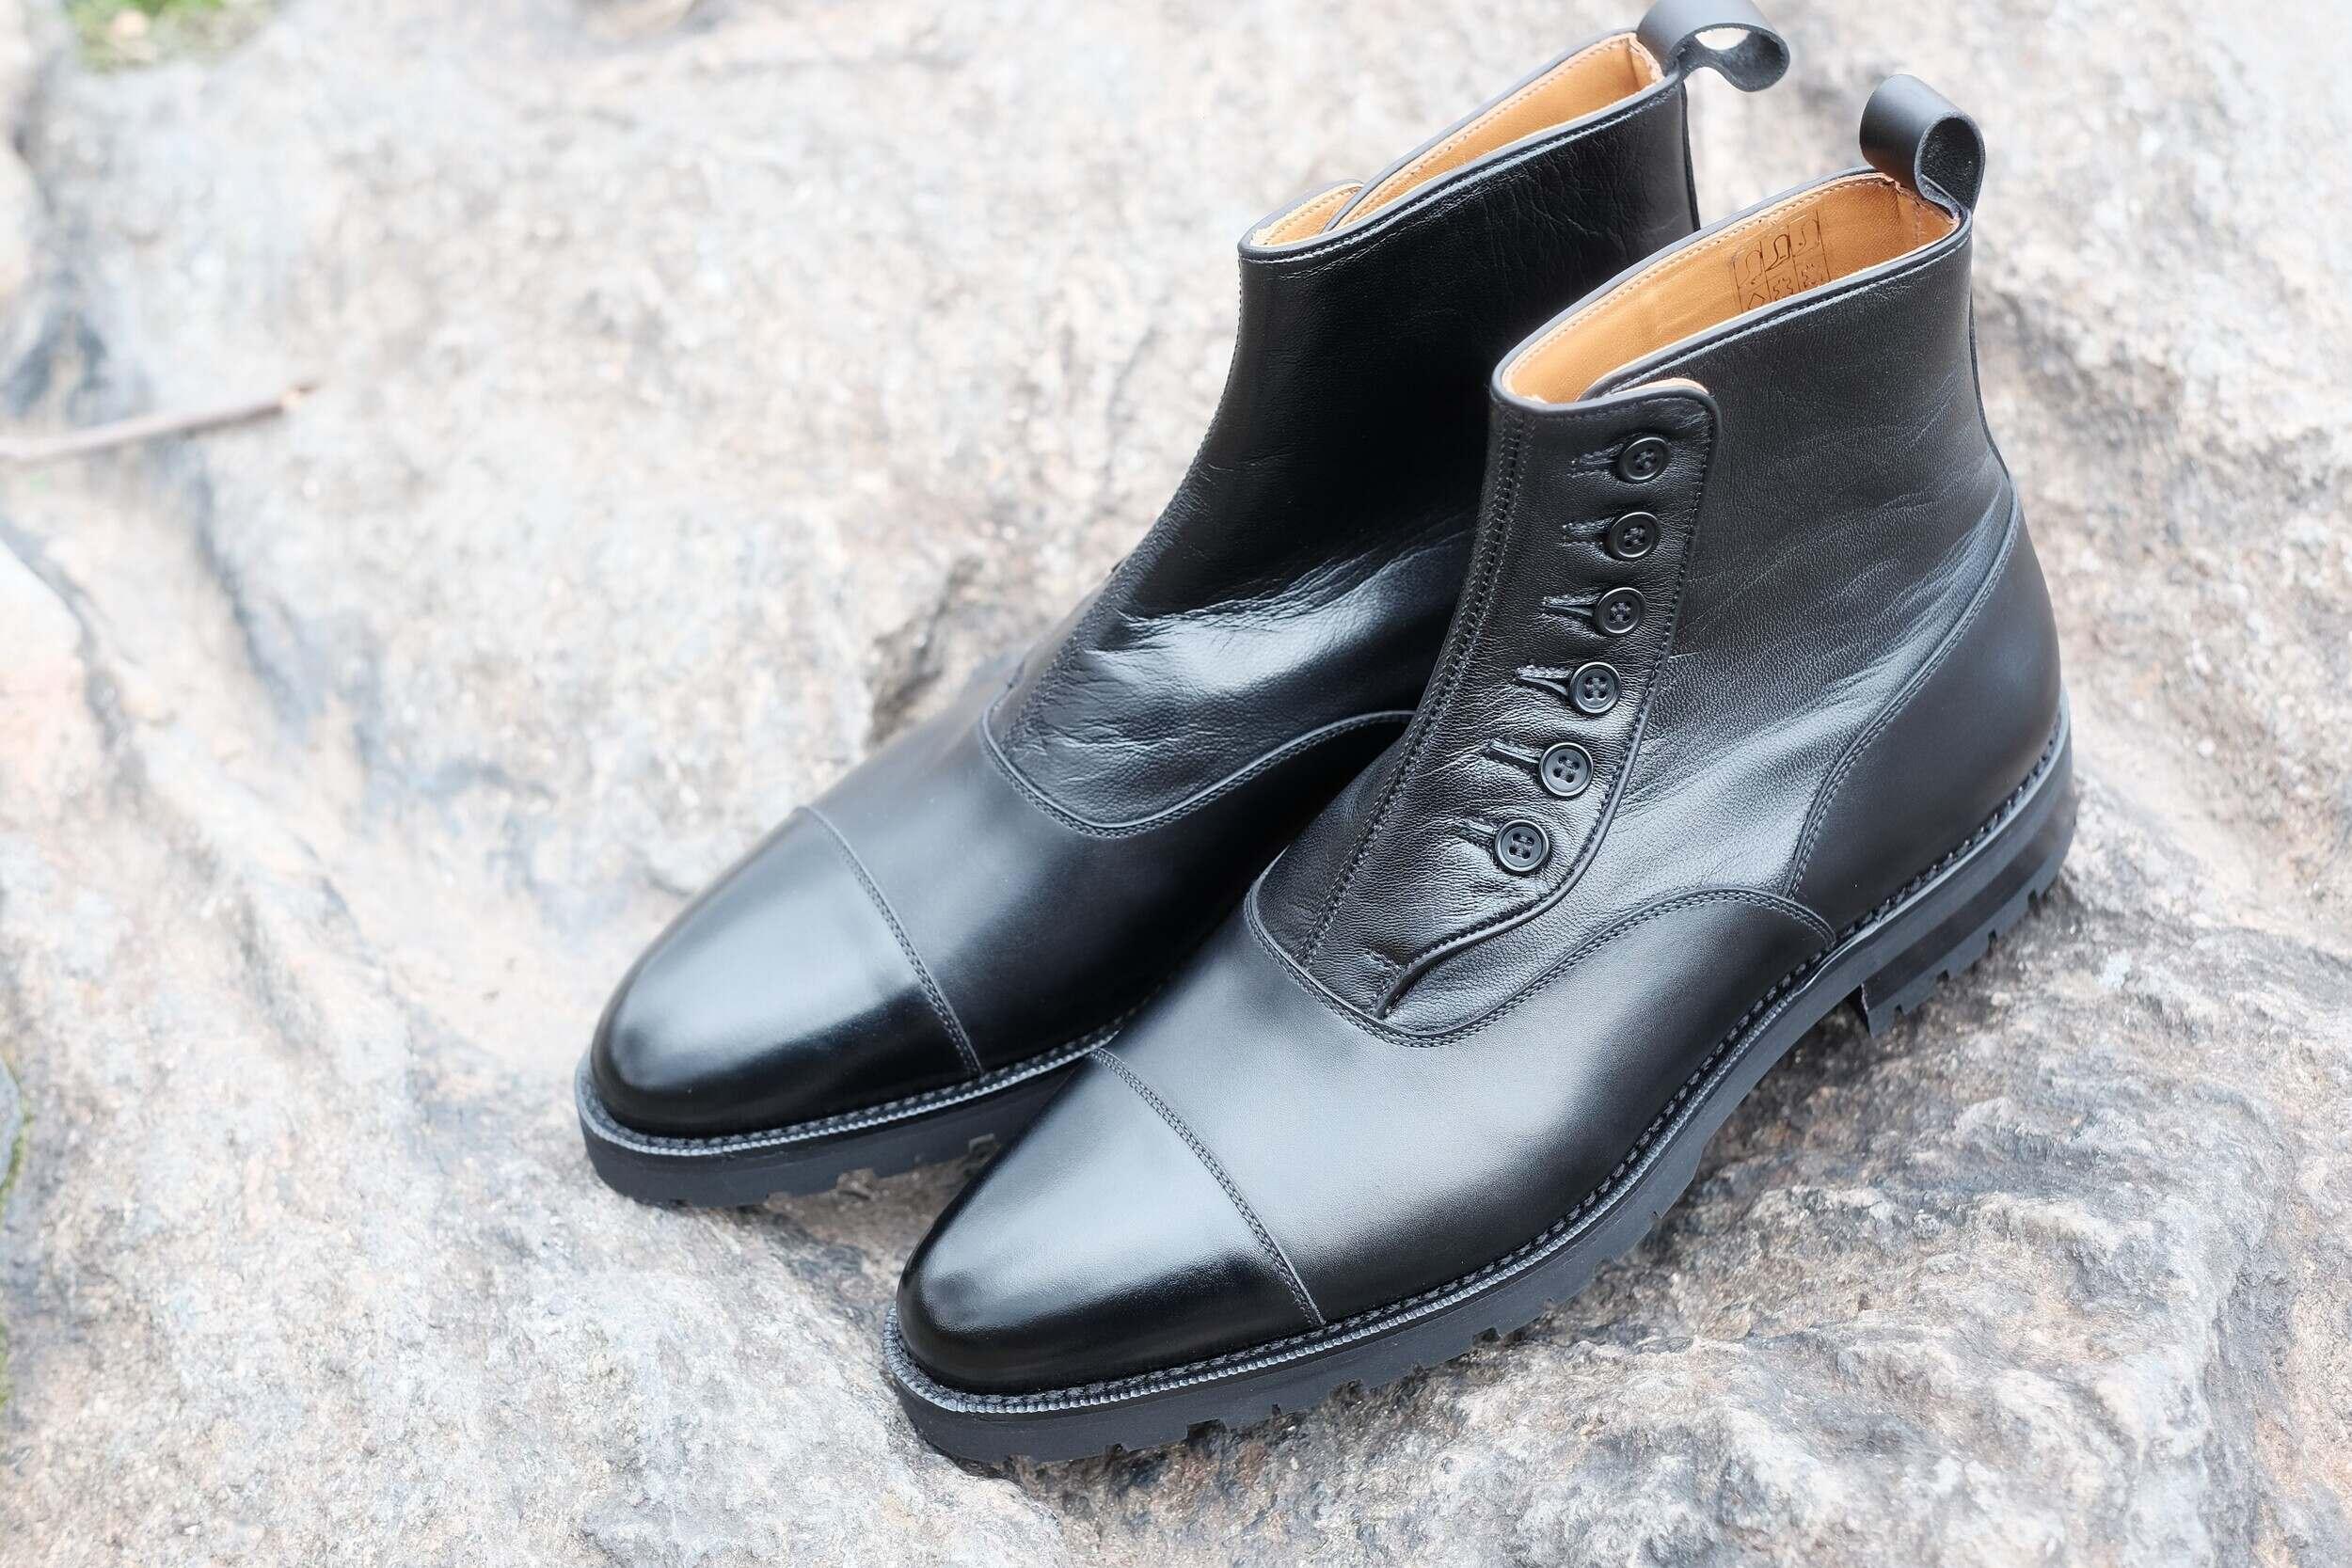 The Commando Button Boot